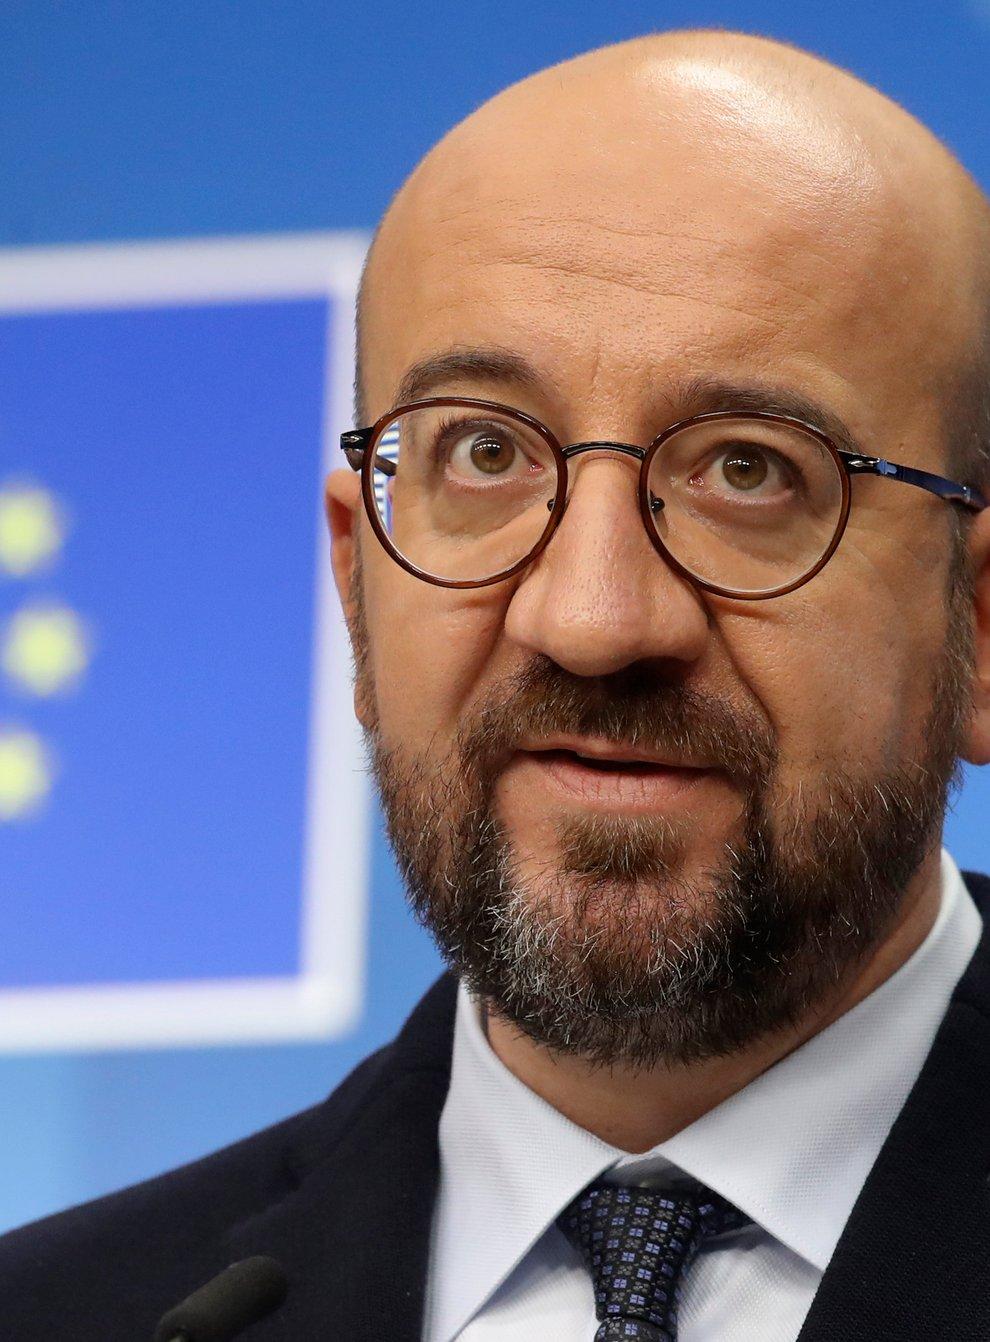 Virus Outbreak Europe Summit